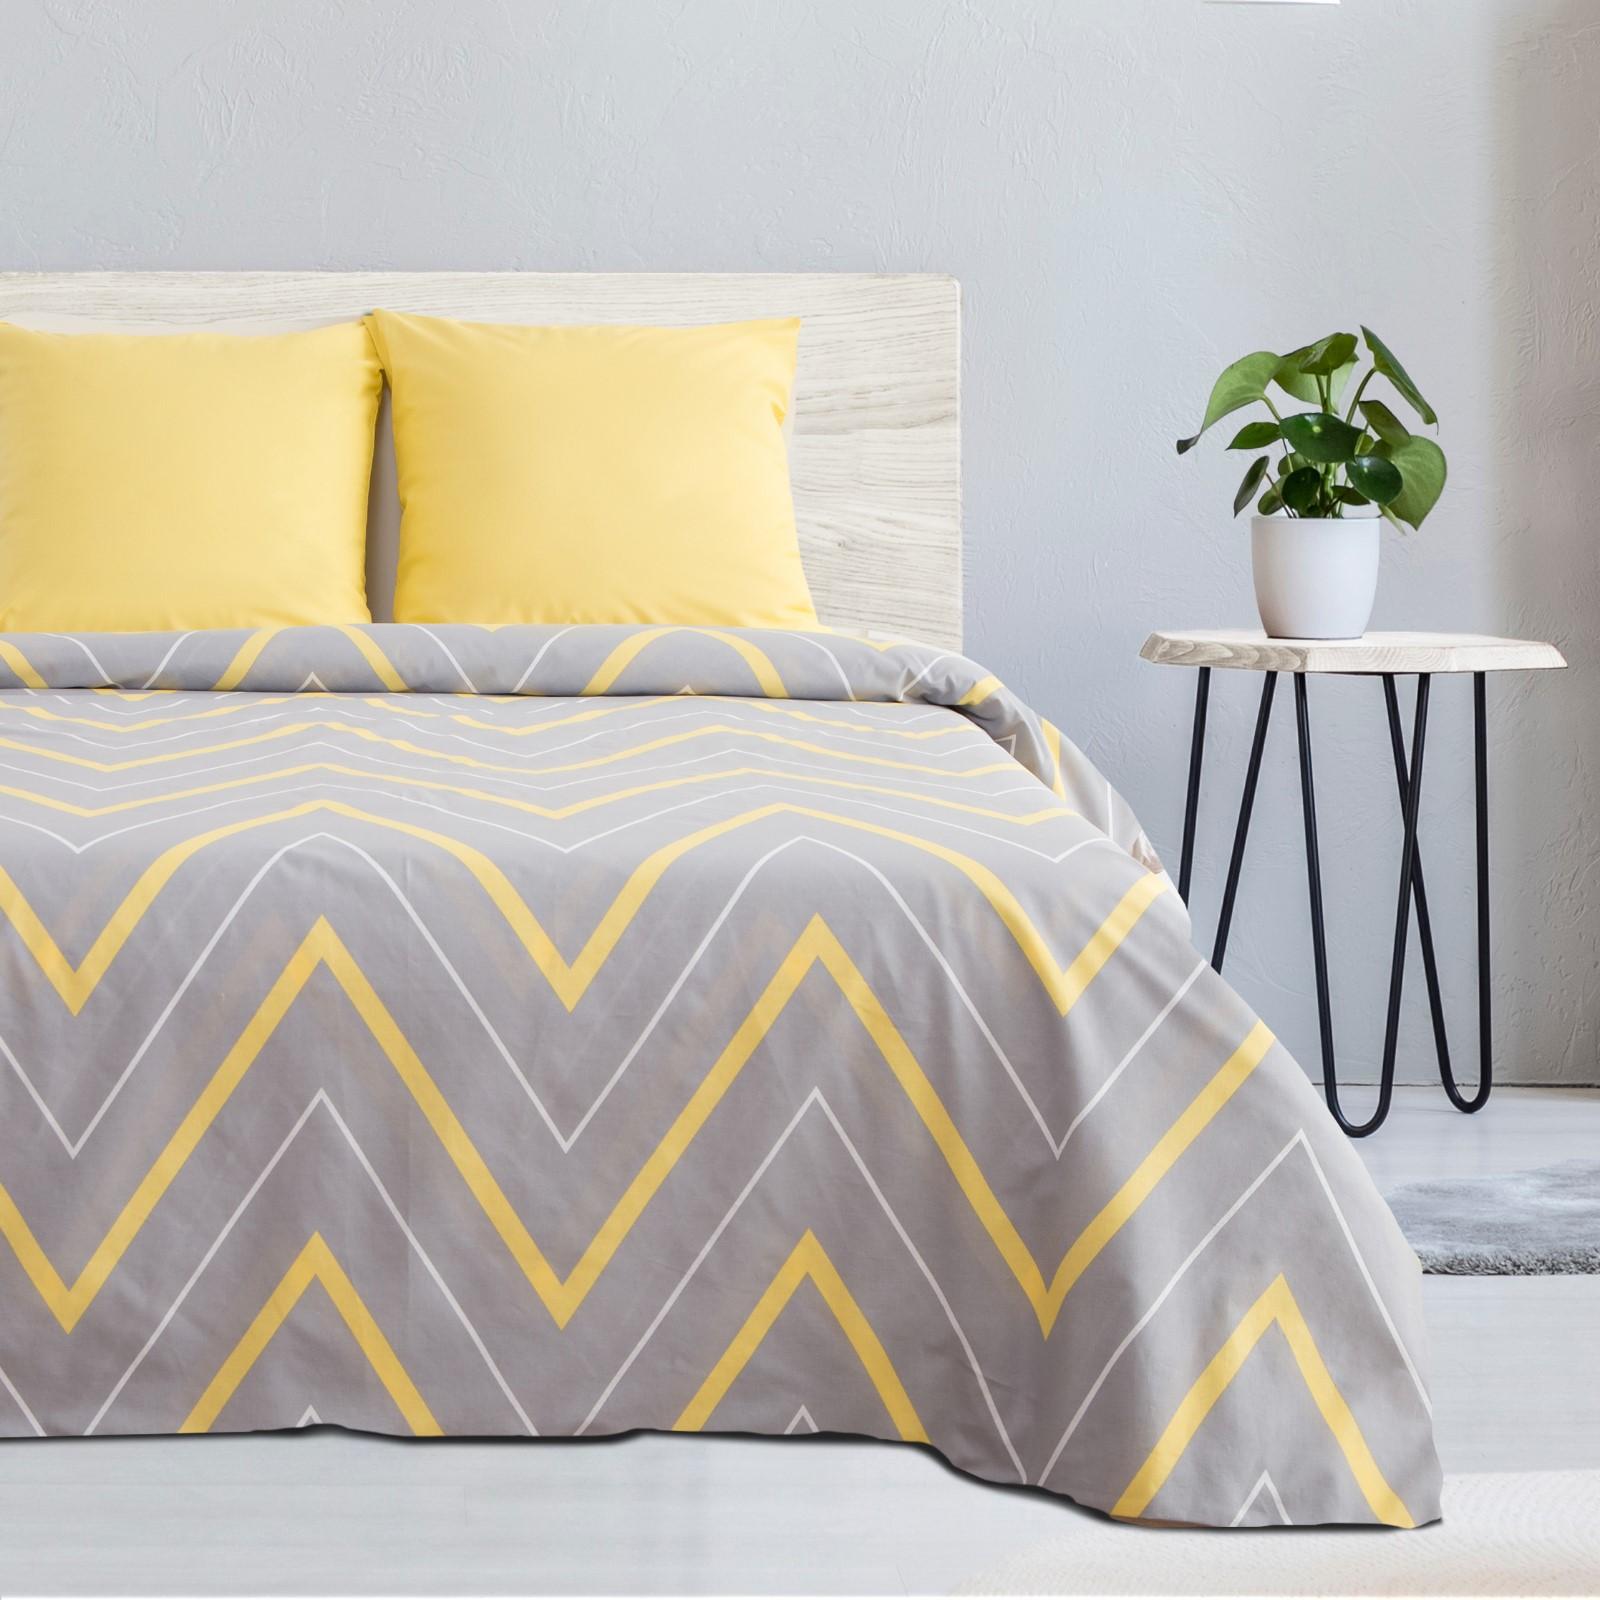 Постельное белье Taylor Цвет: Желто-Серый (2 сп. евро) фото